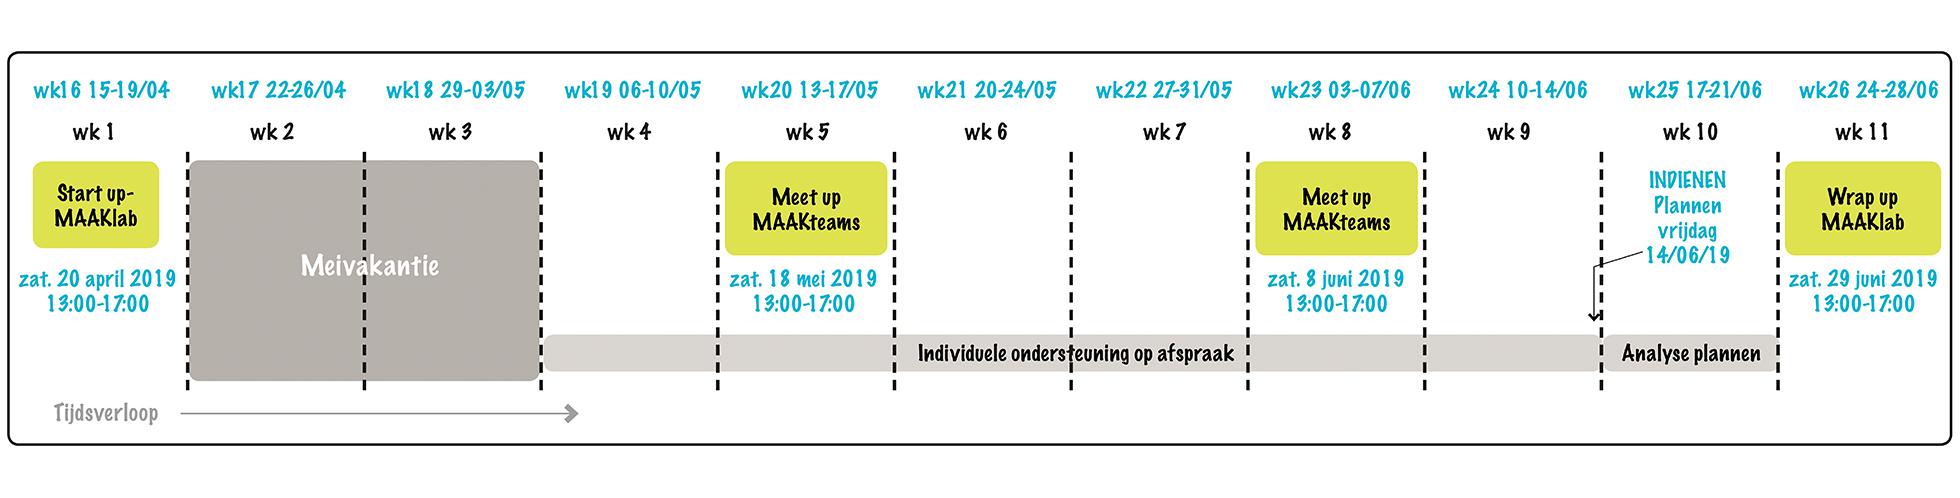 Voorbeeld MAAKlab planning